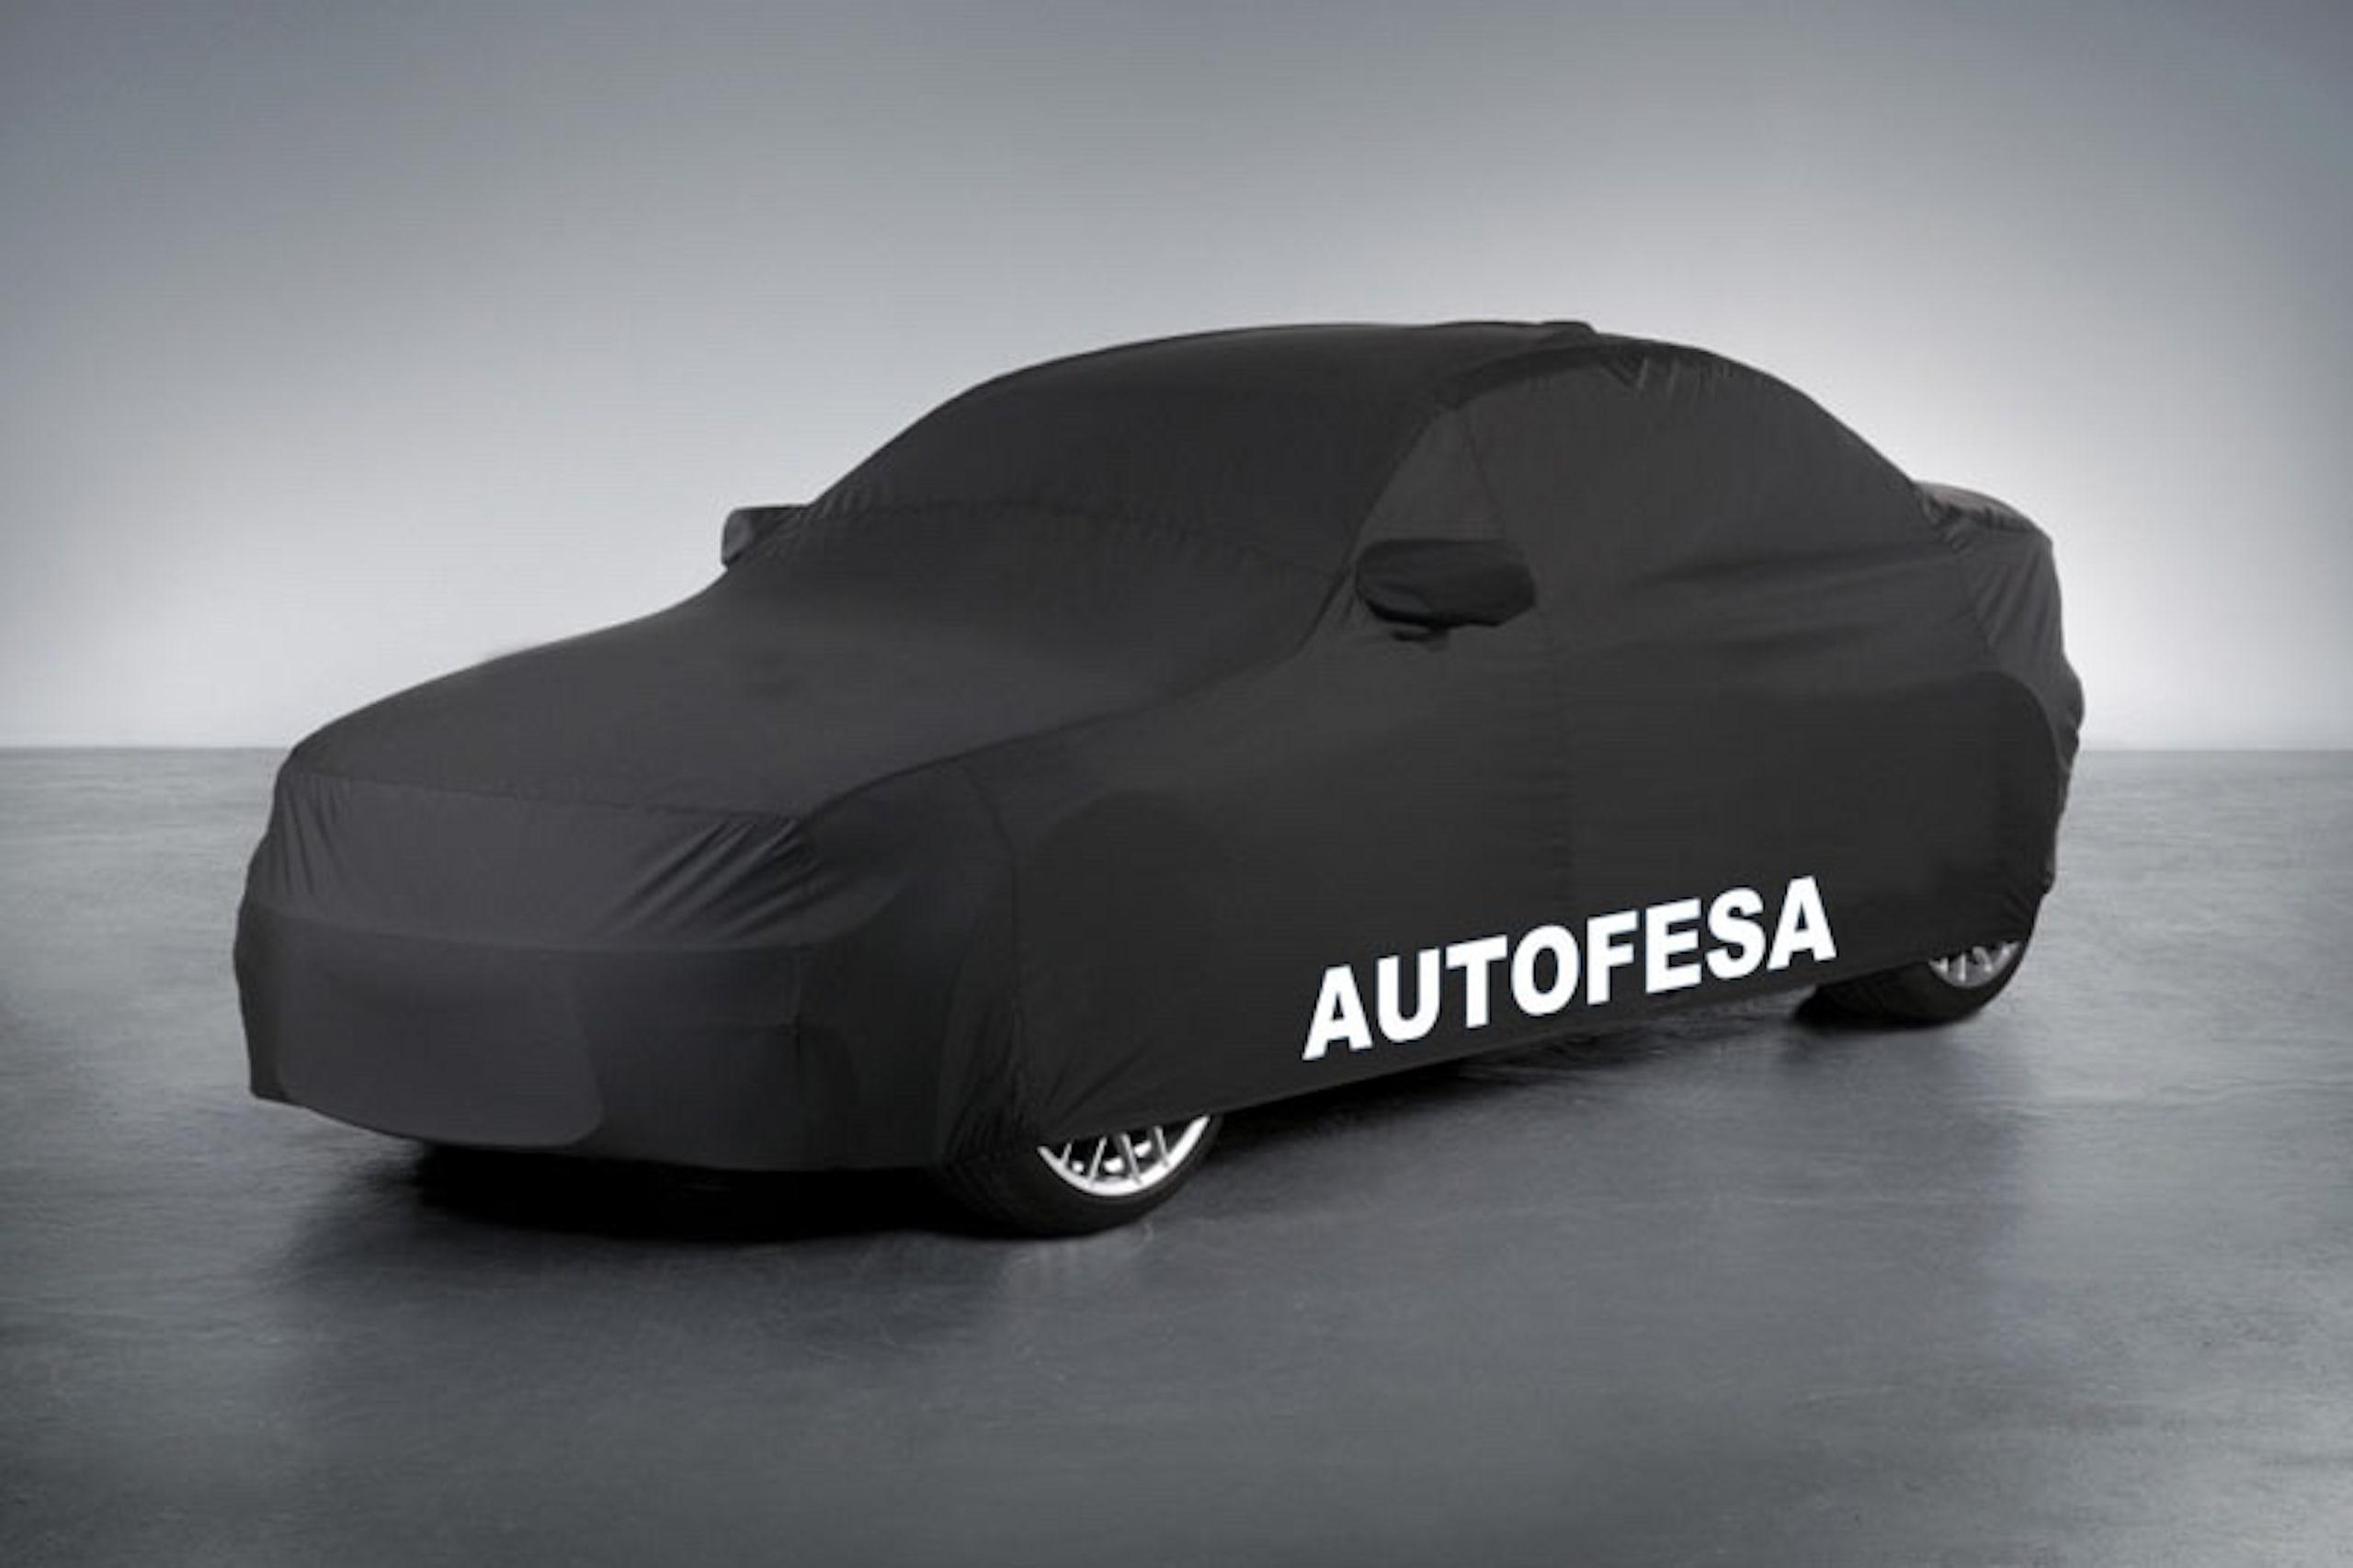 Mercedes-benz GLA 250 2.0 DCT 211cv AMG 4MATIC 7G Auto - Foto 13